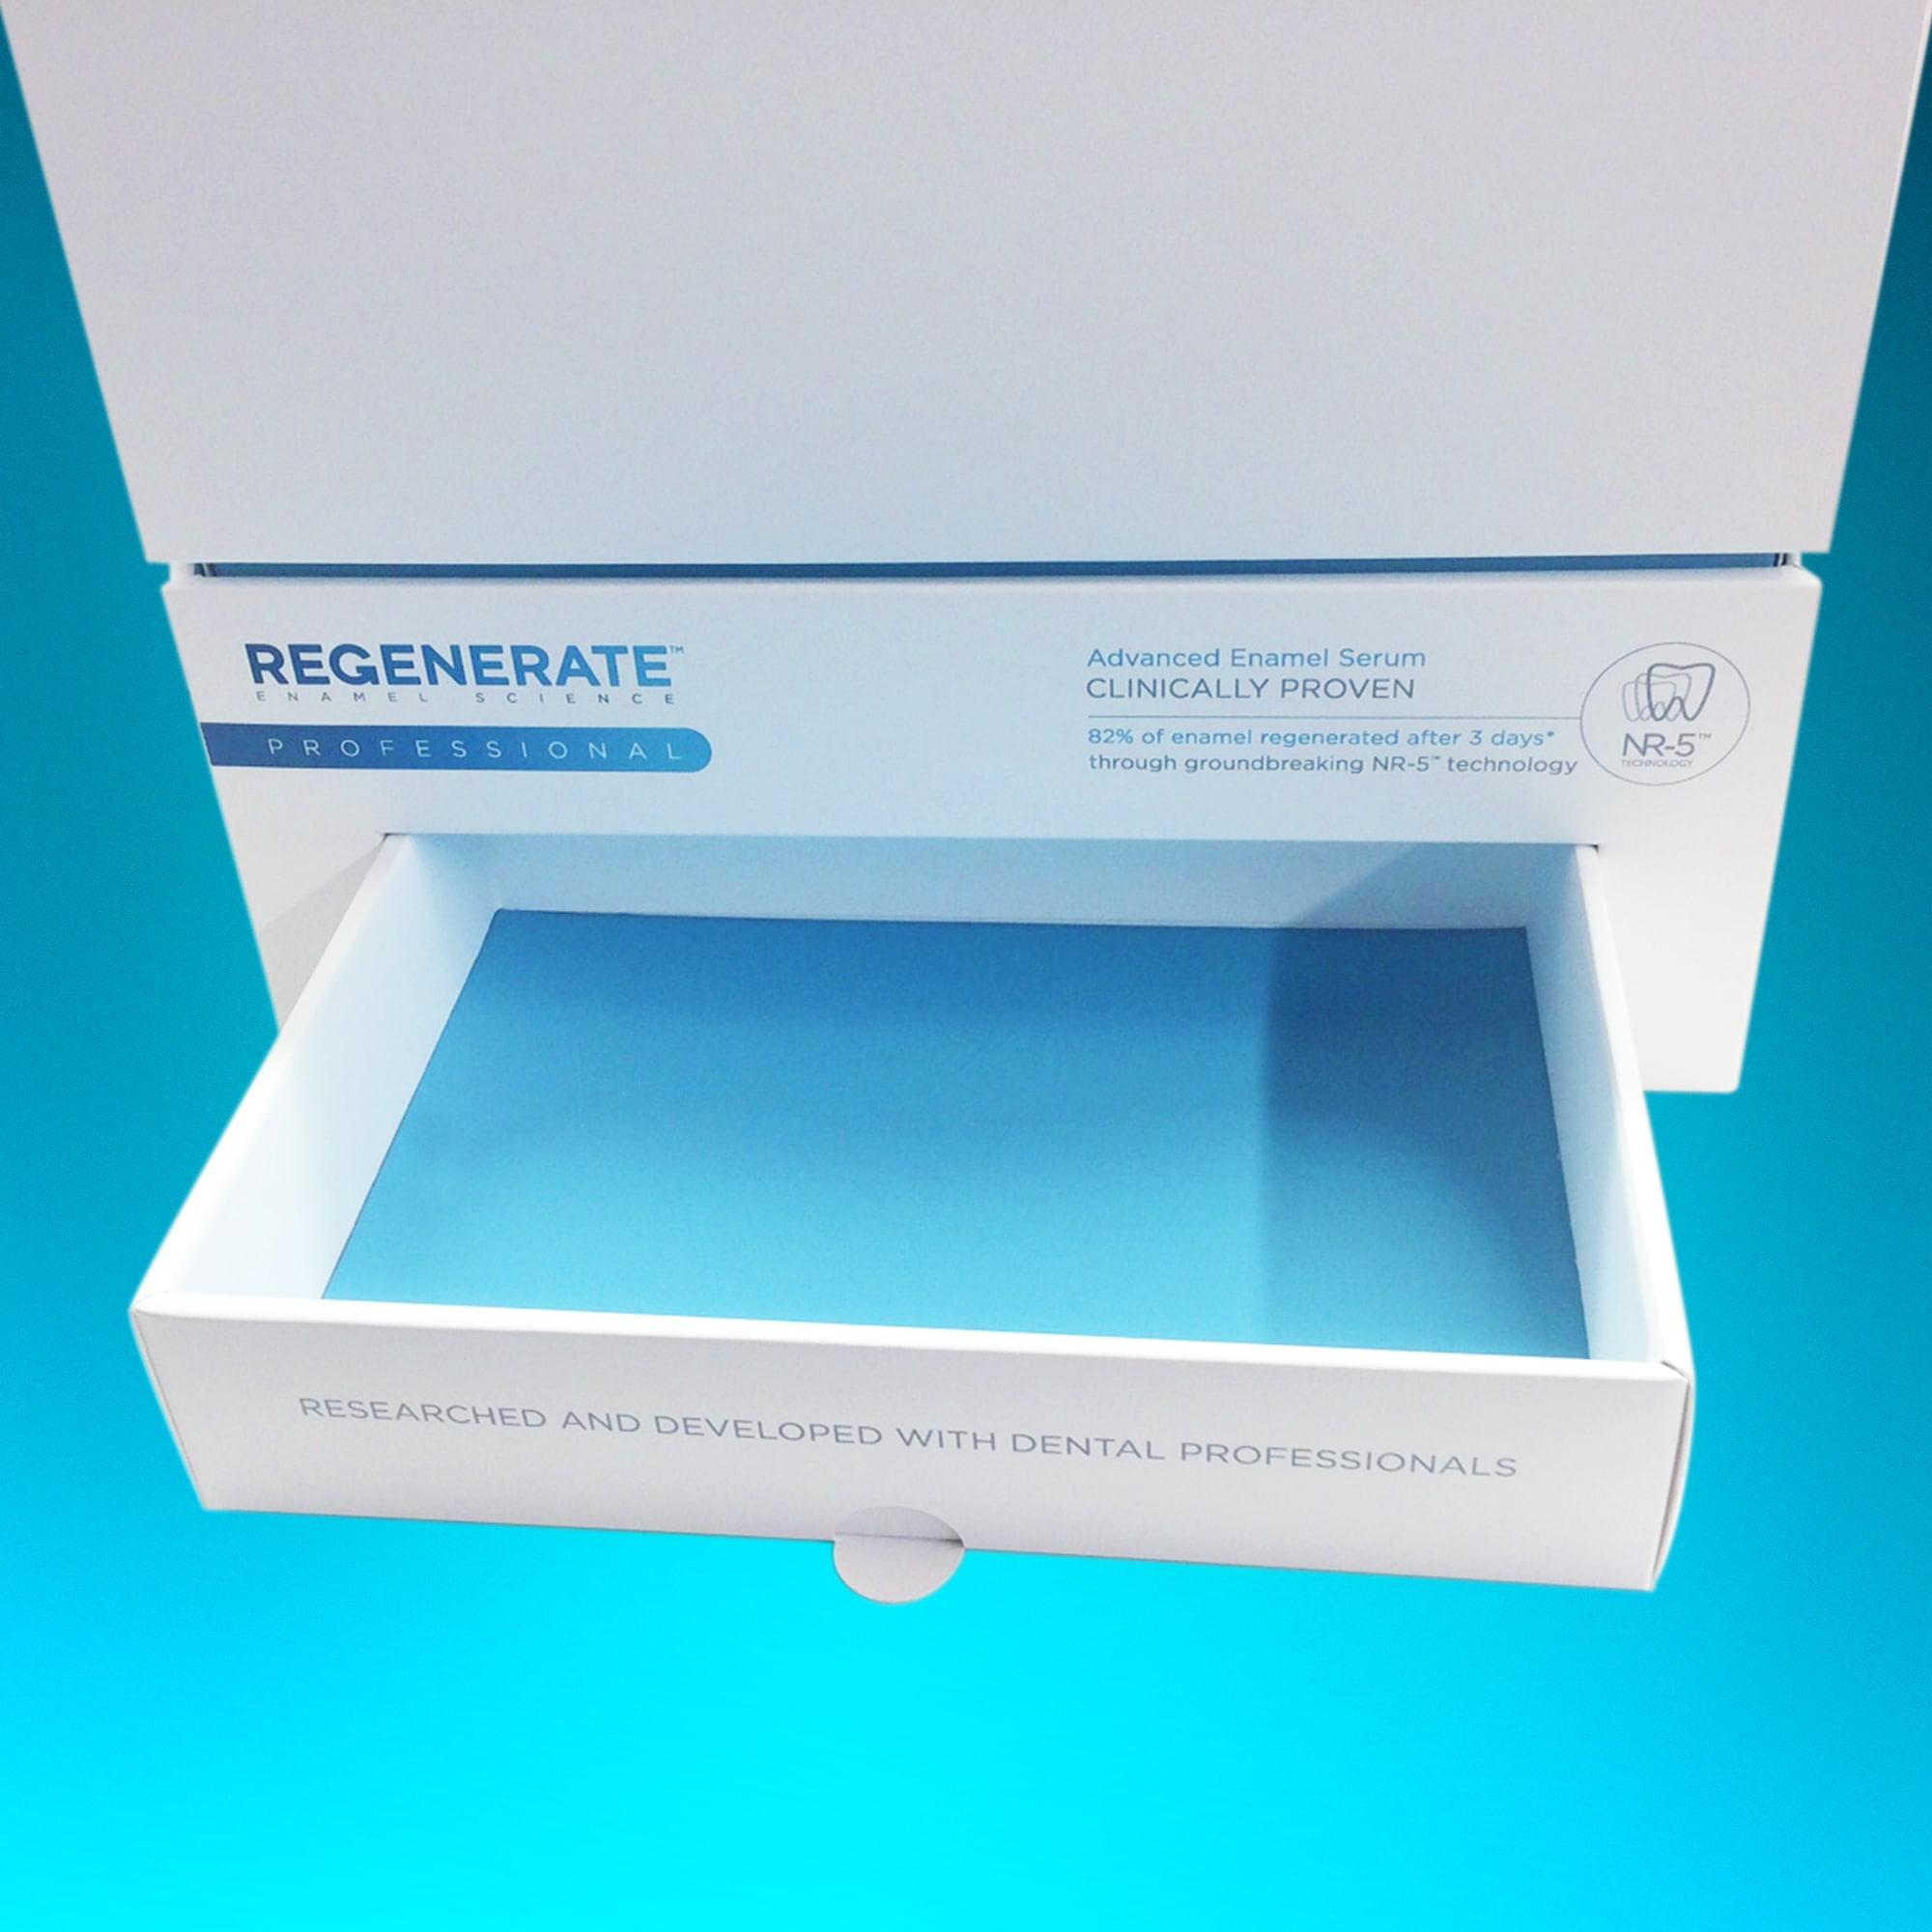 Regenerate Mailer Box